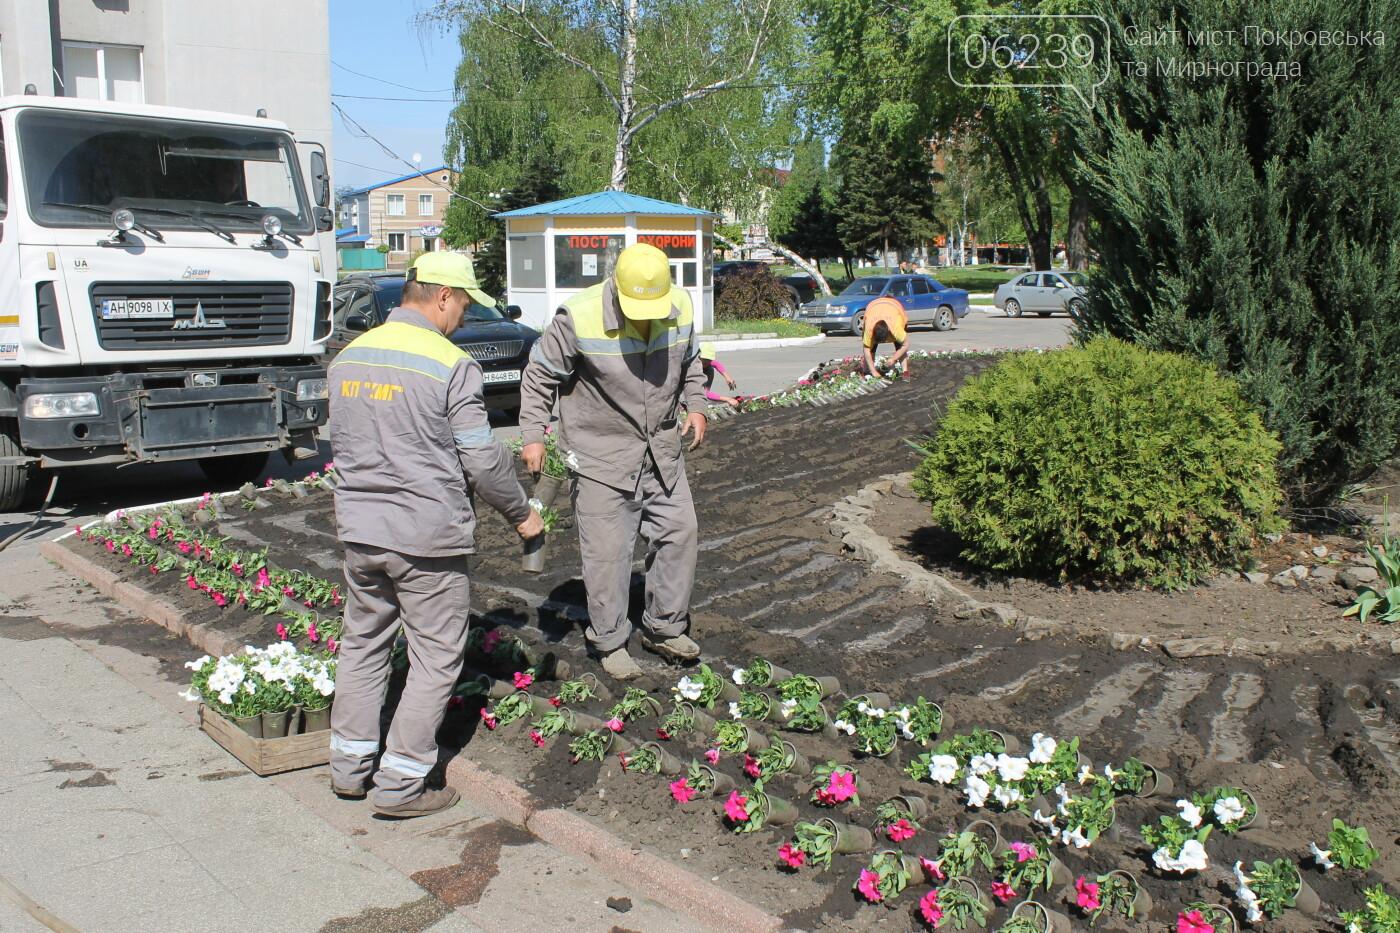 Пестрый Покровск: в городе начали высаживать петунии, фото-10